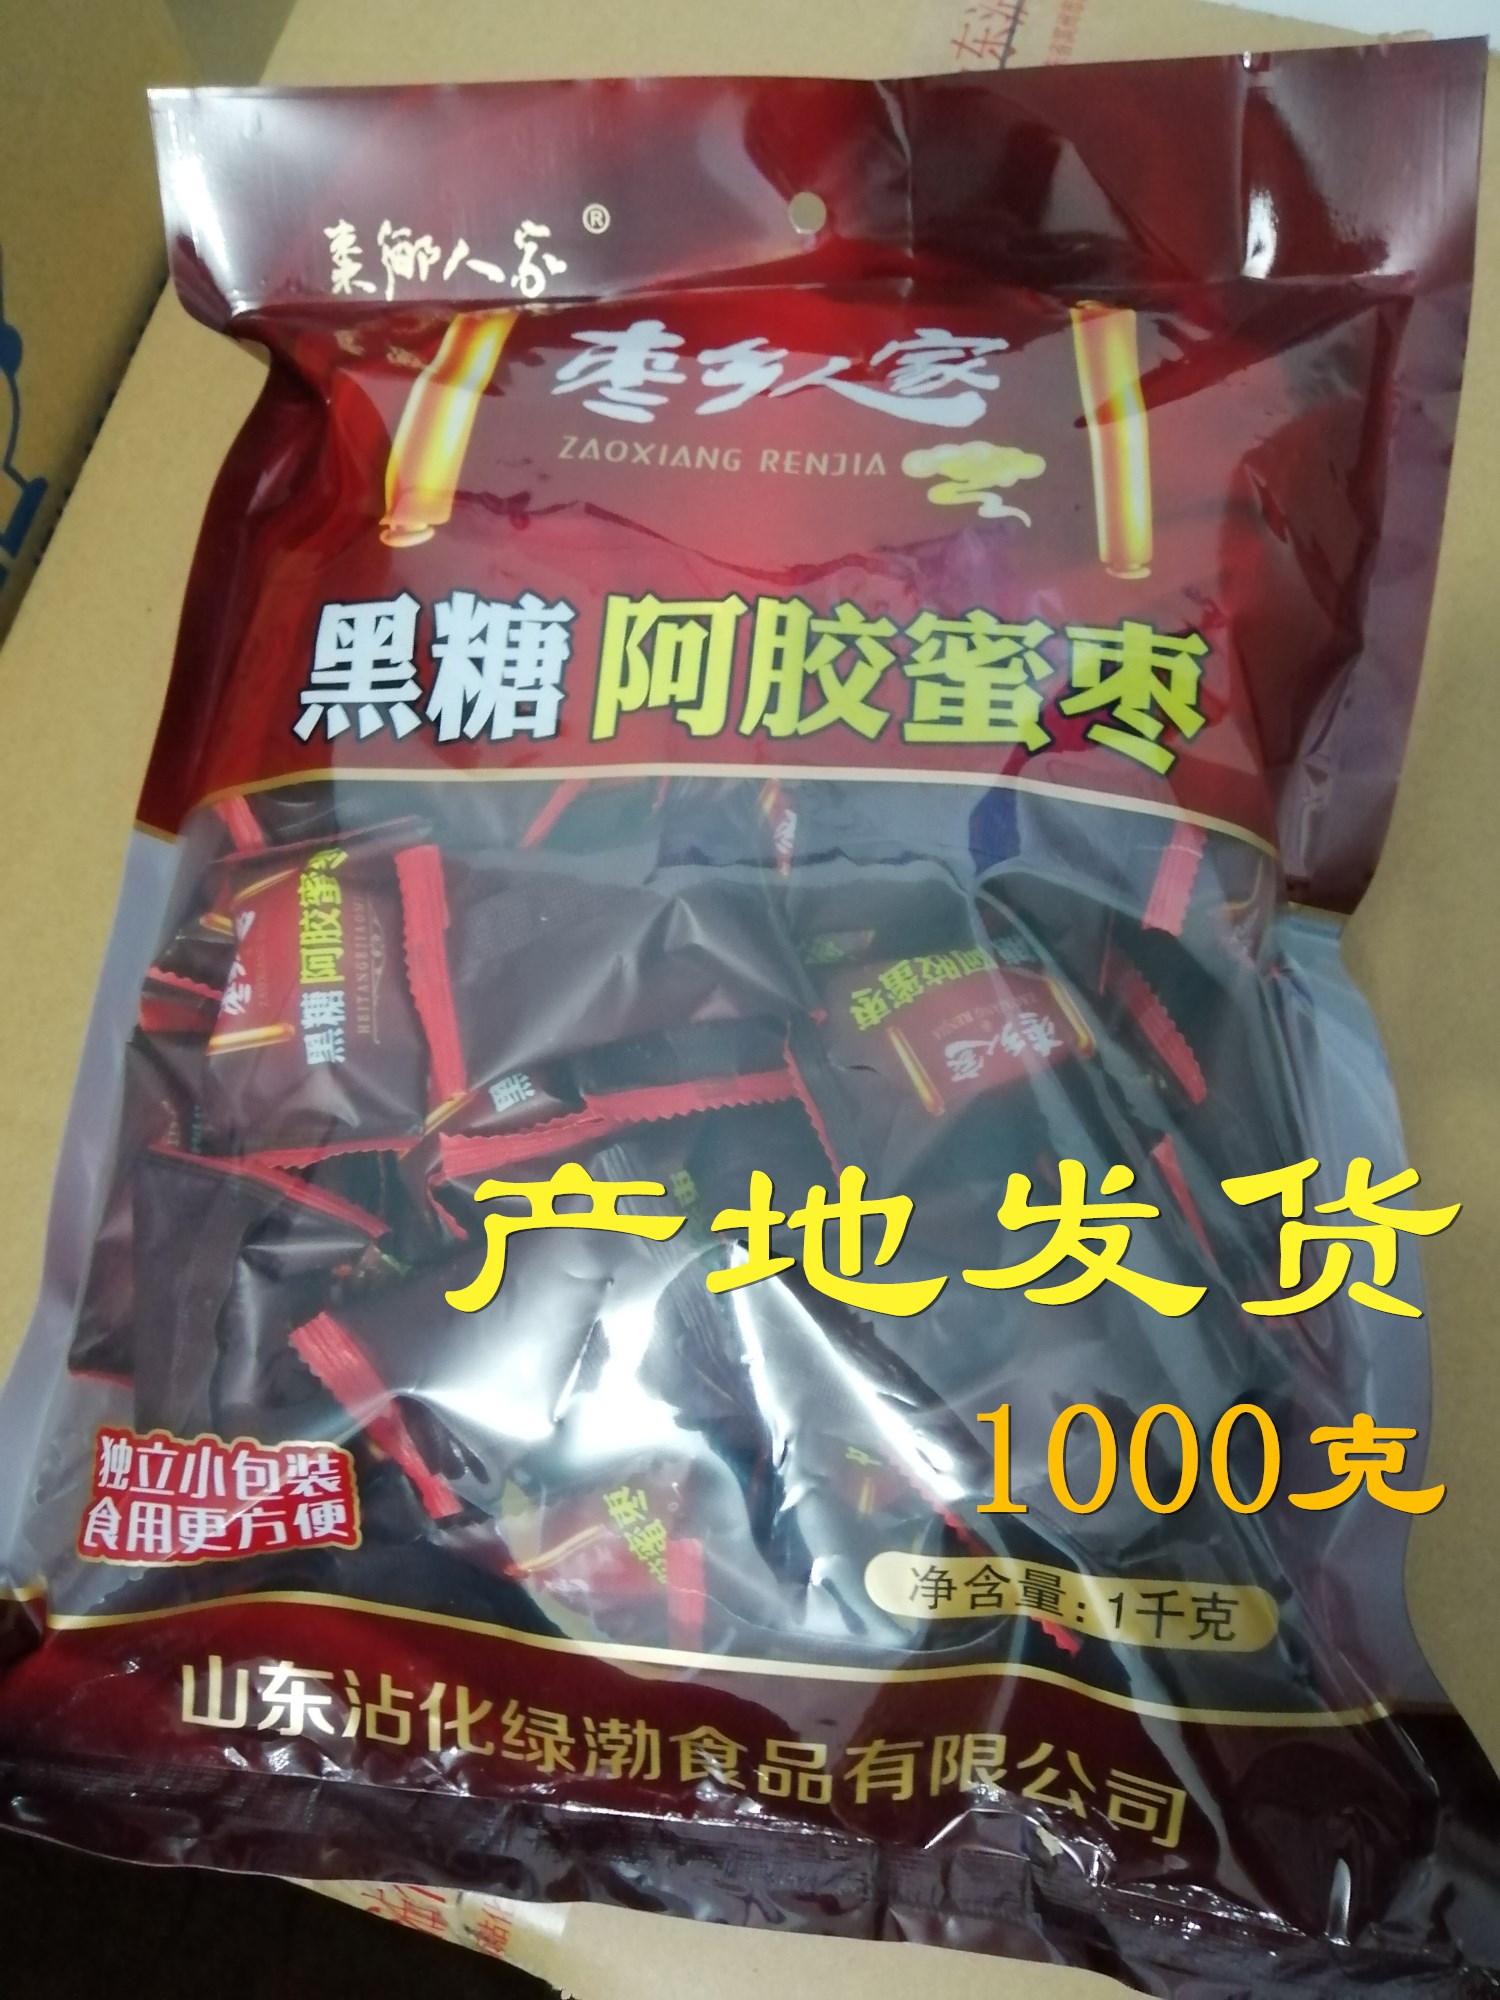 ナツメの故郷の人の黒糖のアゴムのナツメの1000グラムの無核の渤海の食品の冬ナツメの故郷は産地を沾化して出荷します。